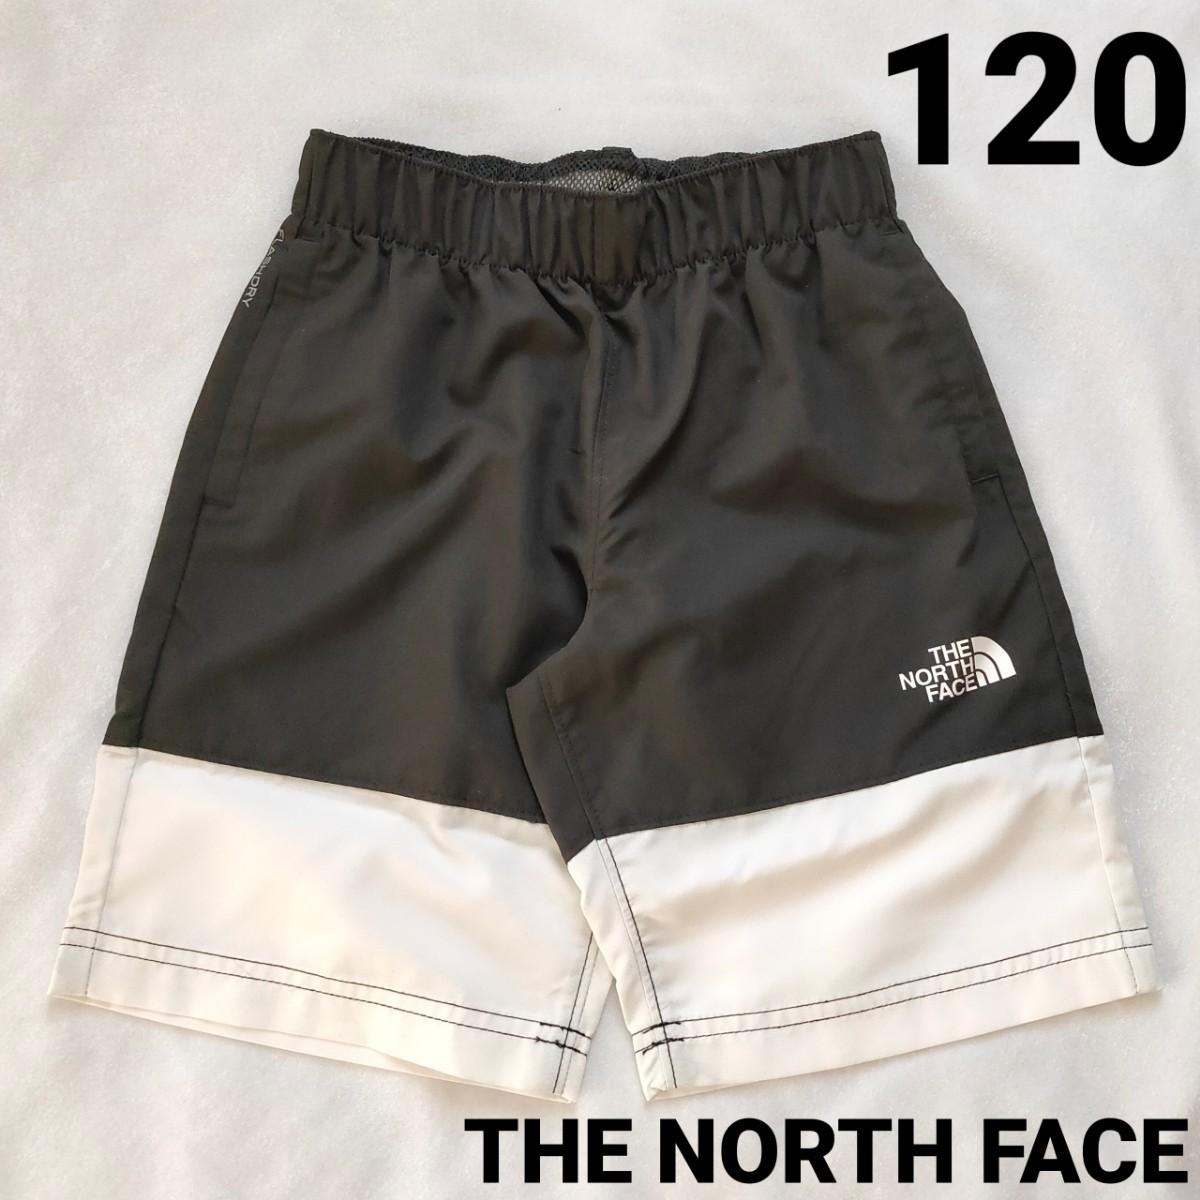 THE NORTH FACE  ザノースフェイス  ハーフパンツ  ショートパンツ 水着  男子 新品 白黒 120